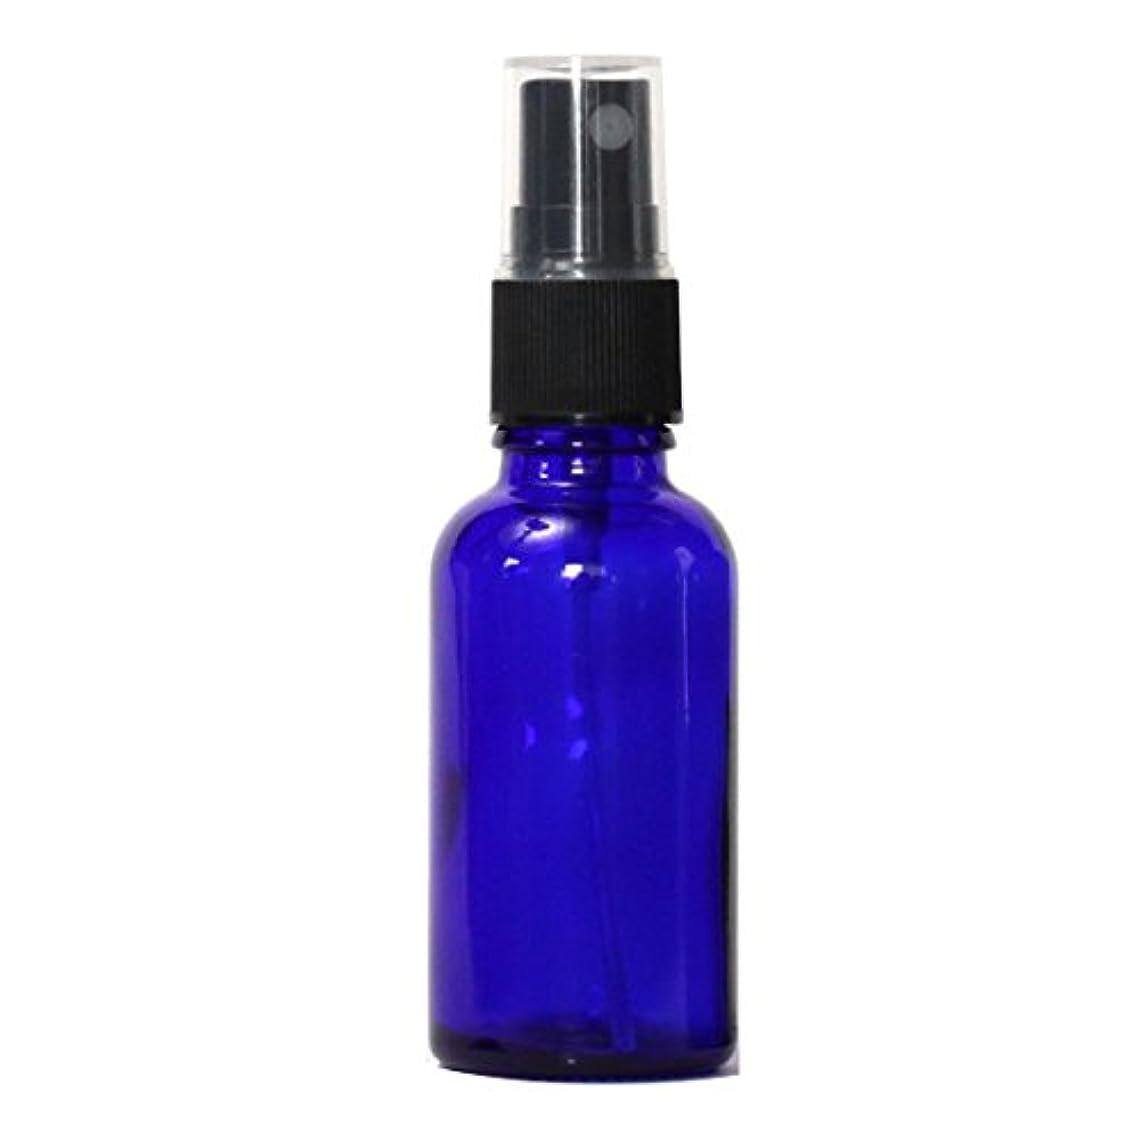 まっすぐにするアイザック極貧スプレーガラス瓶ボトル 30mL 遮光性ブルー おしゃれガラスアトマイザー 空容器